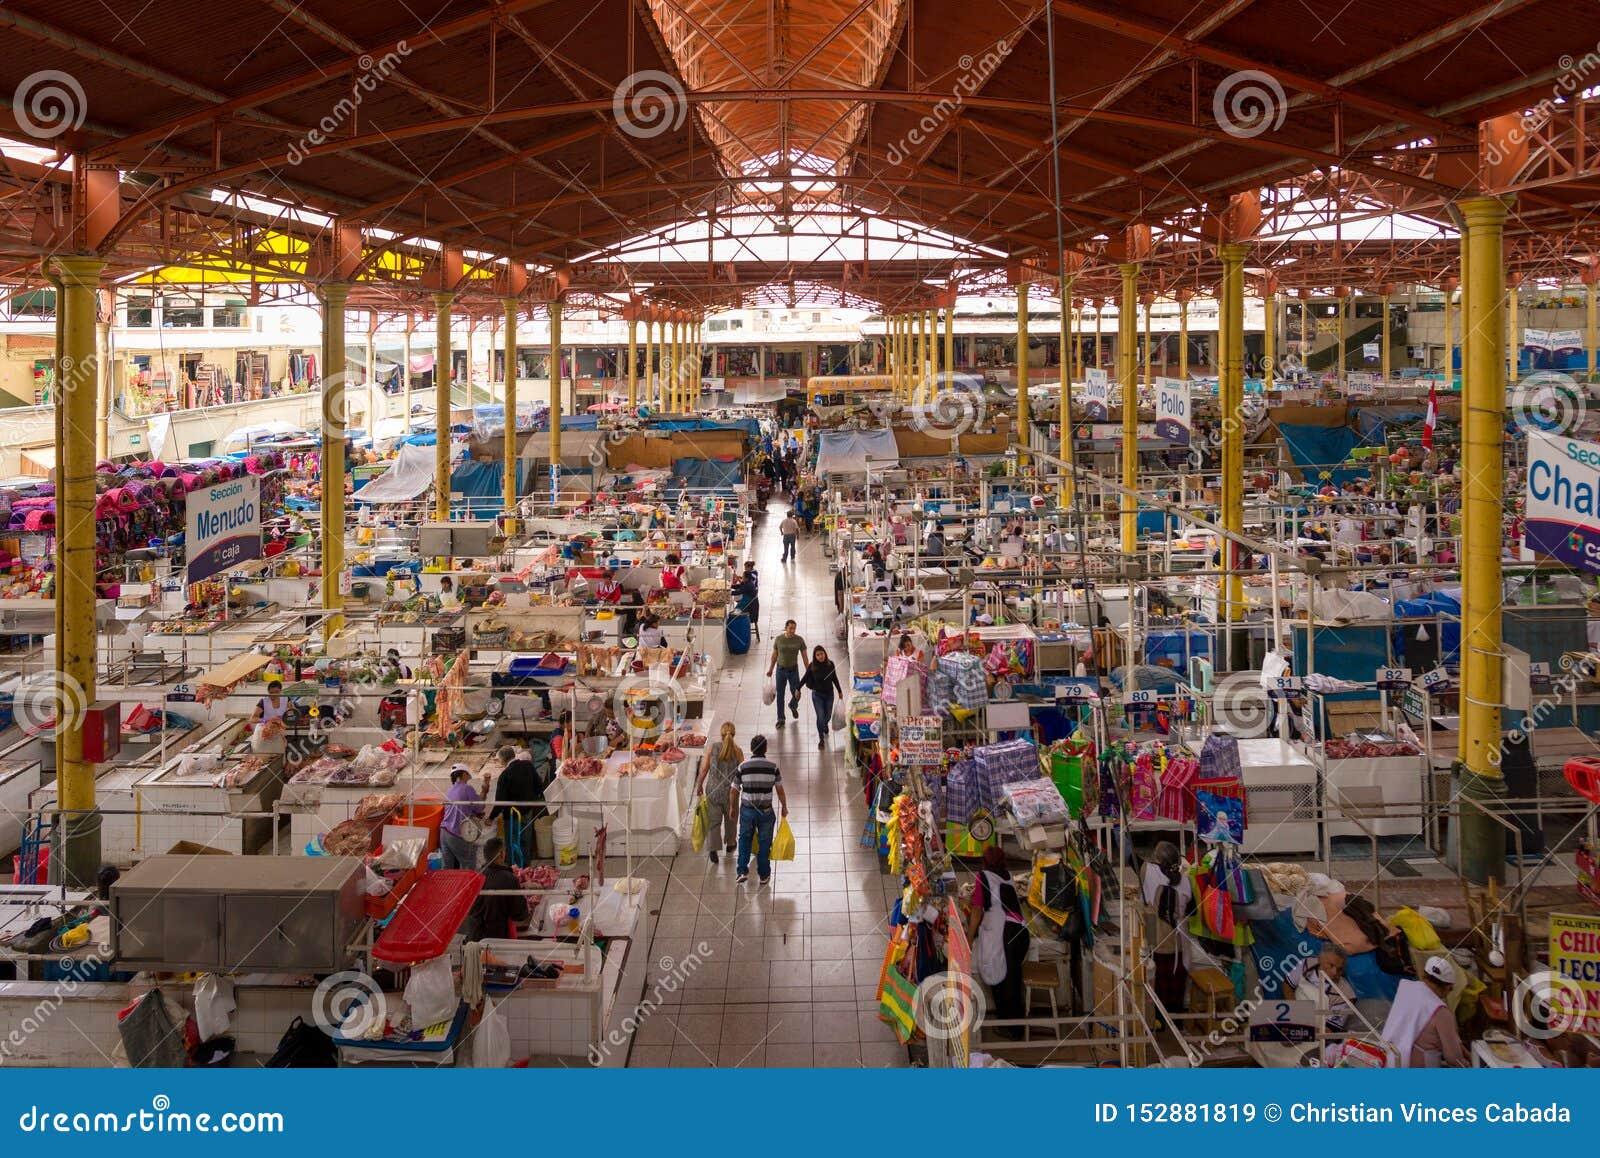 SAN CAMILO TRADITIONELLES ALTES MARKET PLACE IN AREQUIPA, PERU